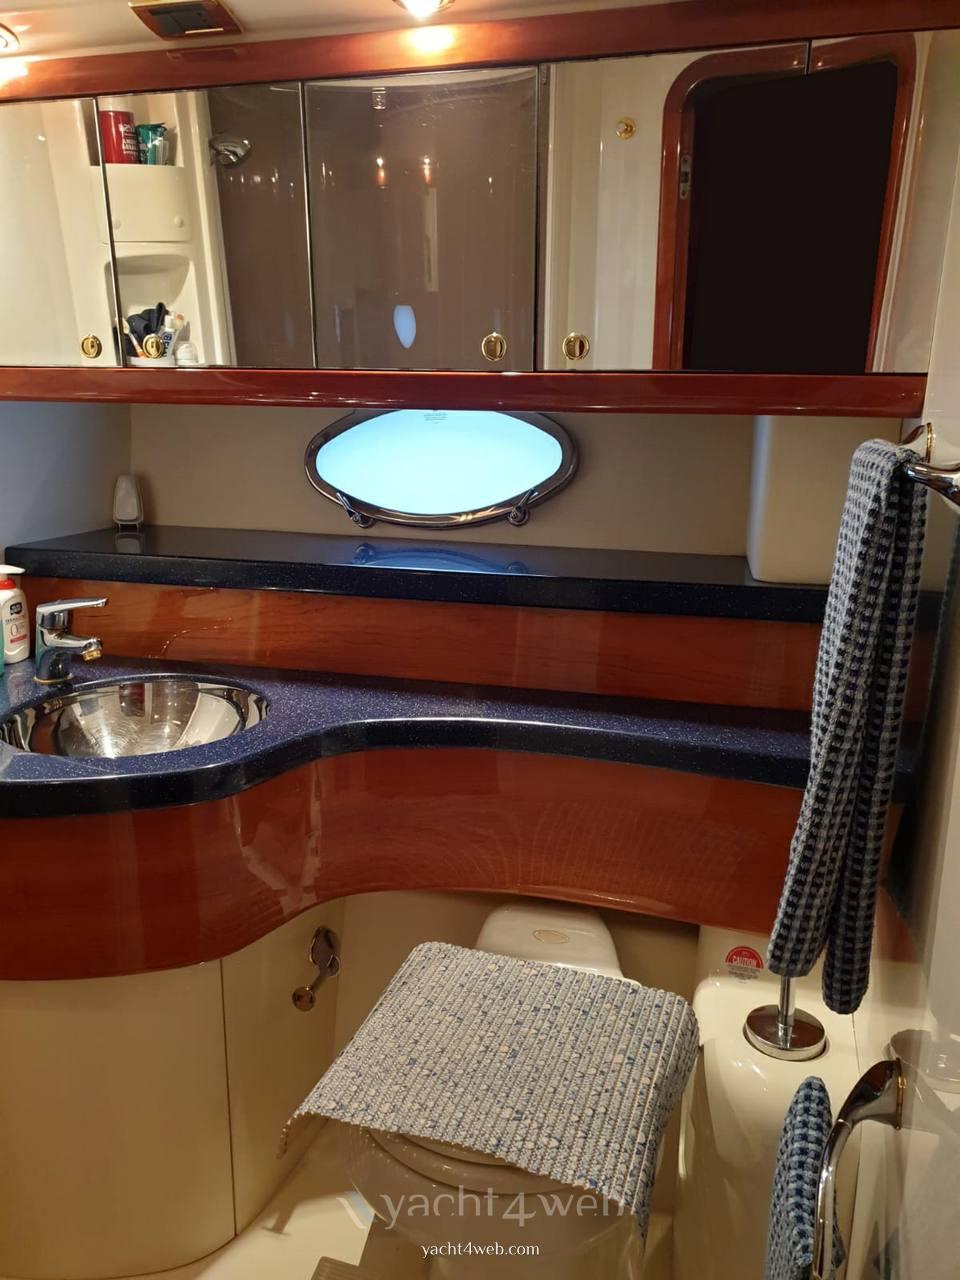 Cranchi Atlantique 48 Barco a motor usado para venda